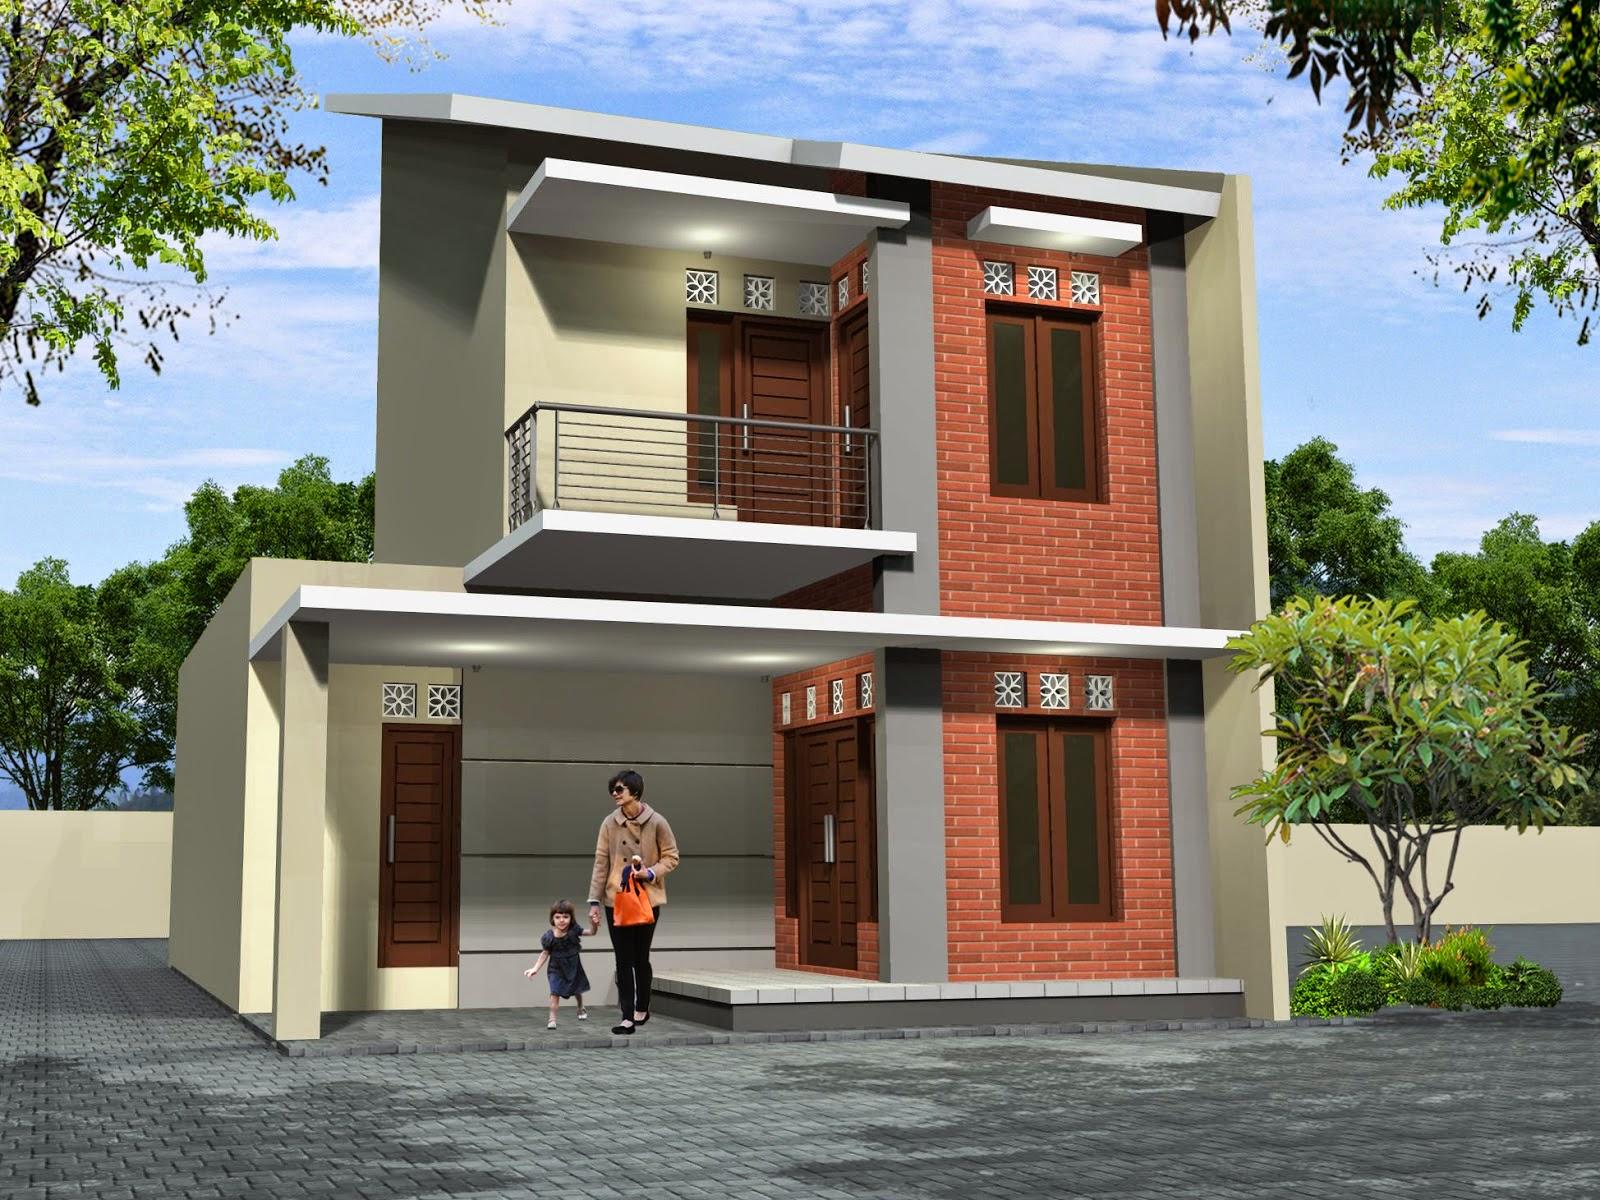 Desain Rumah Kayu Minimalis 2 Lantai Sederhana Wallpaper